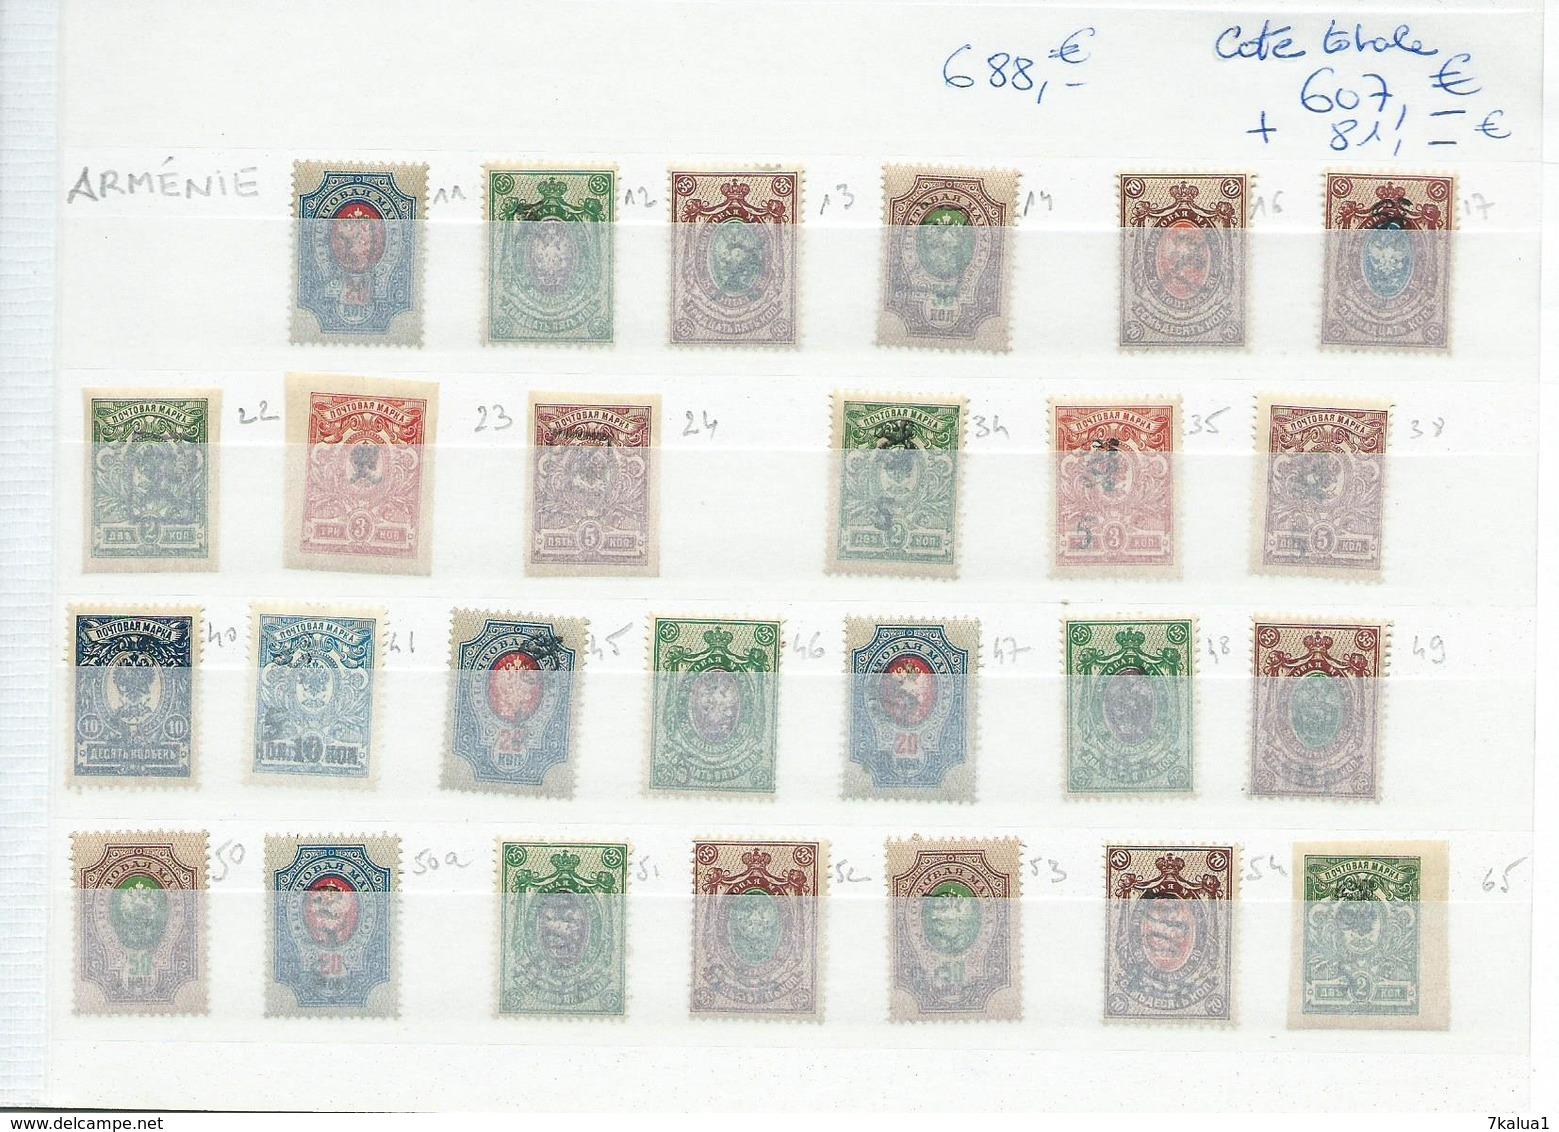 ARMENIE. Lot Neuf ** Et * Sur 2 Pages, Cote 688 € - Stamps